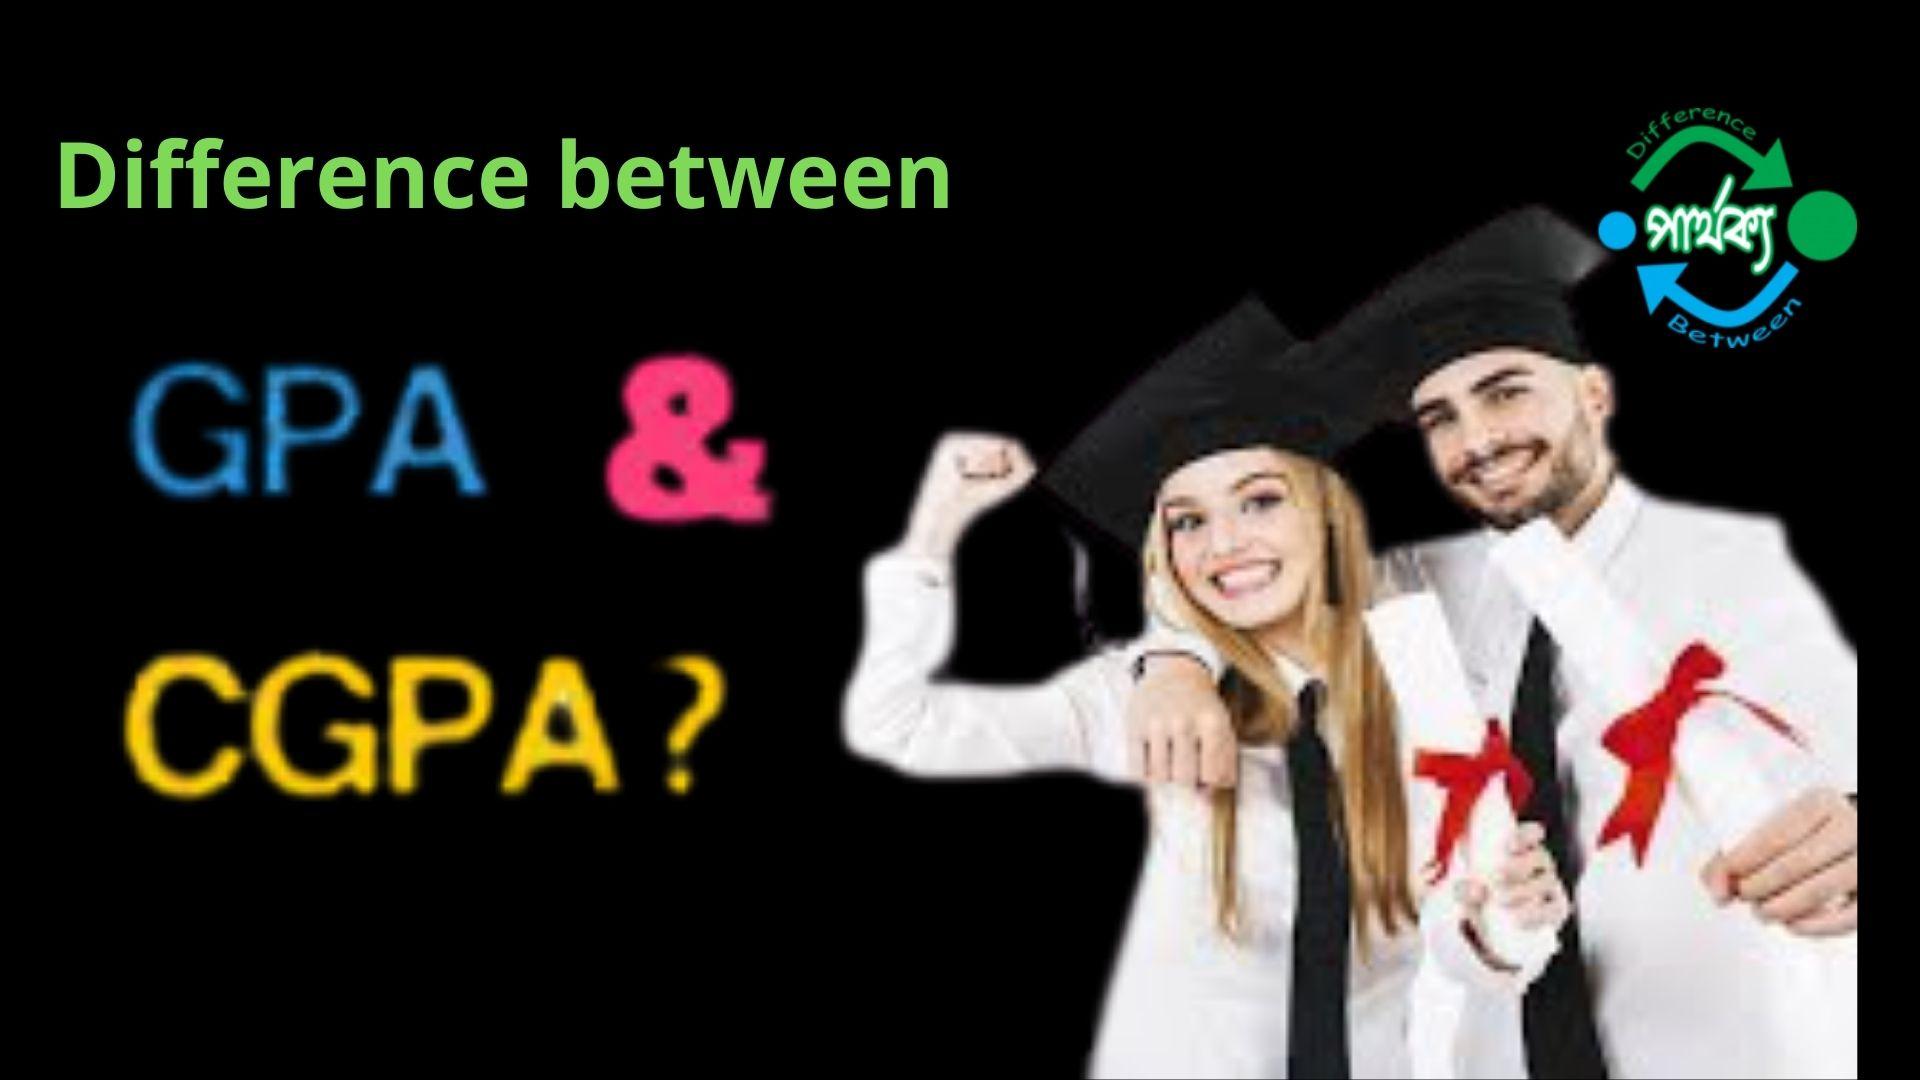 CGPA এবং GPA এর মধ্যে পার্থক্য